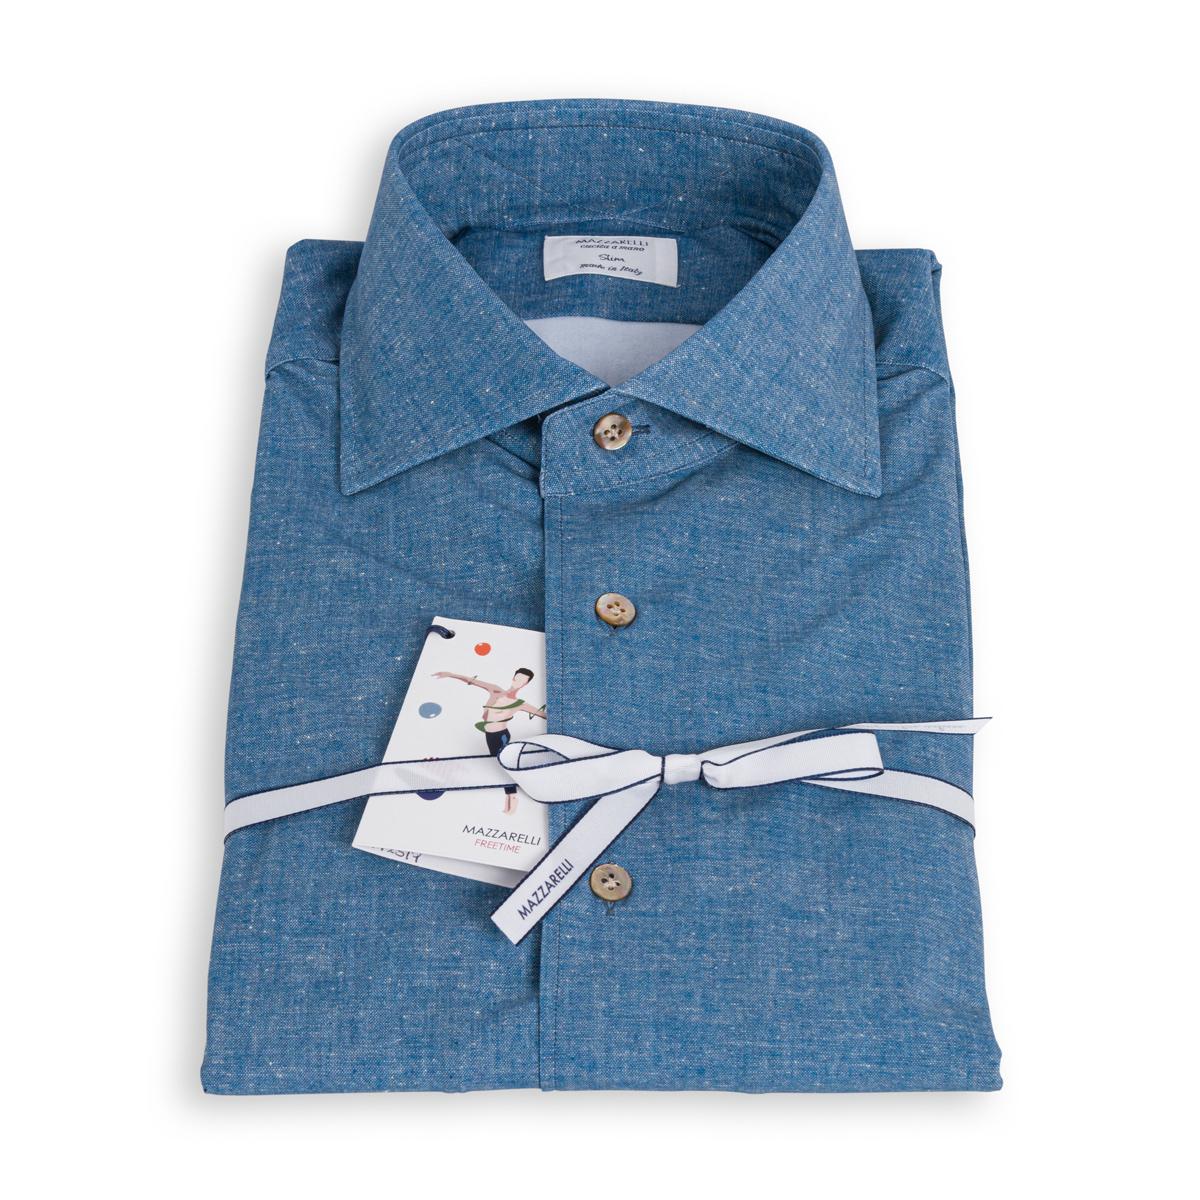 Camicia Mazzarelli Freetime Azzurro Denim Stretch